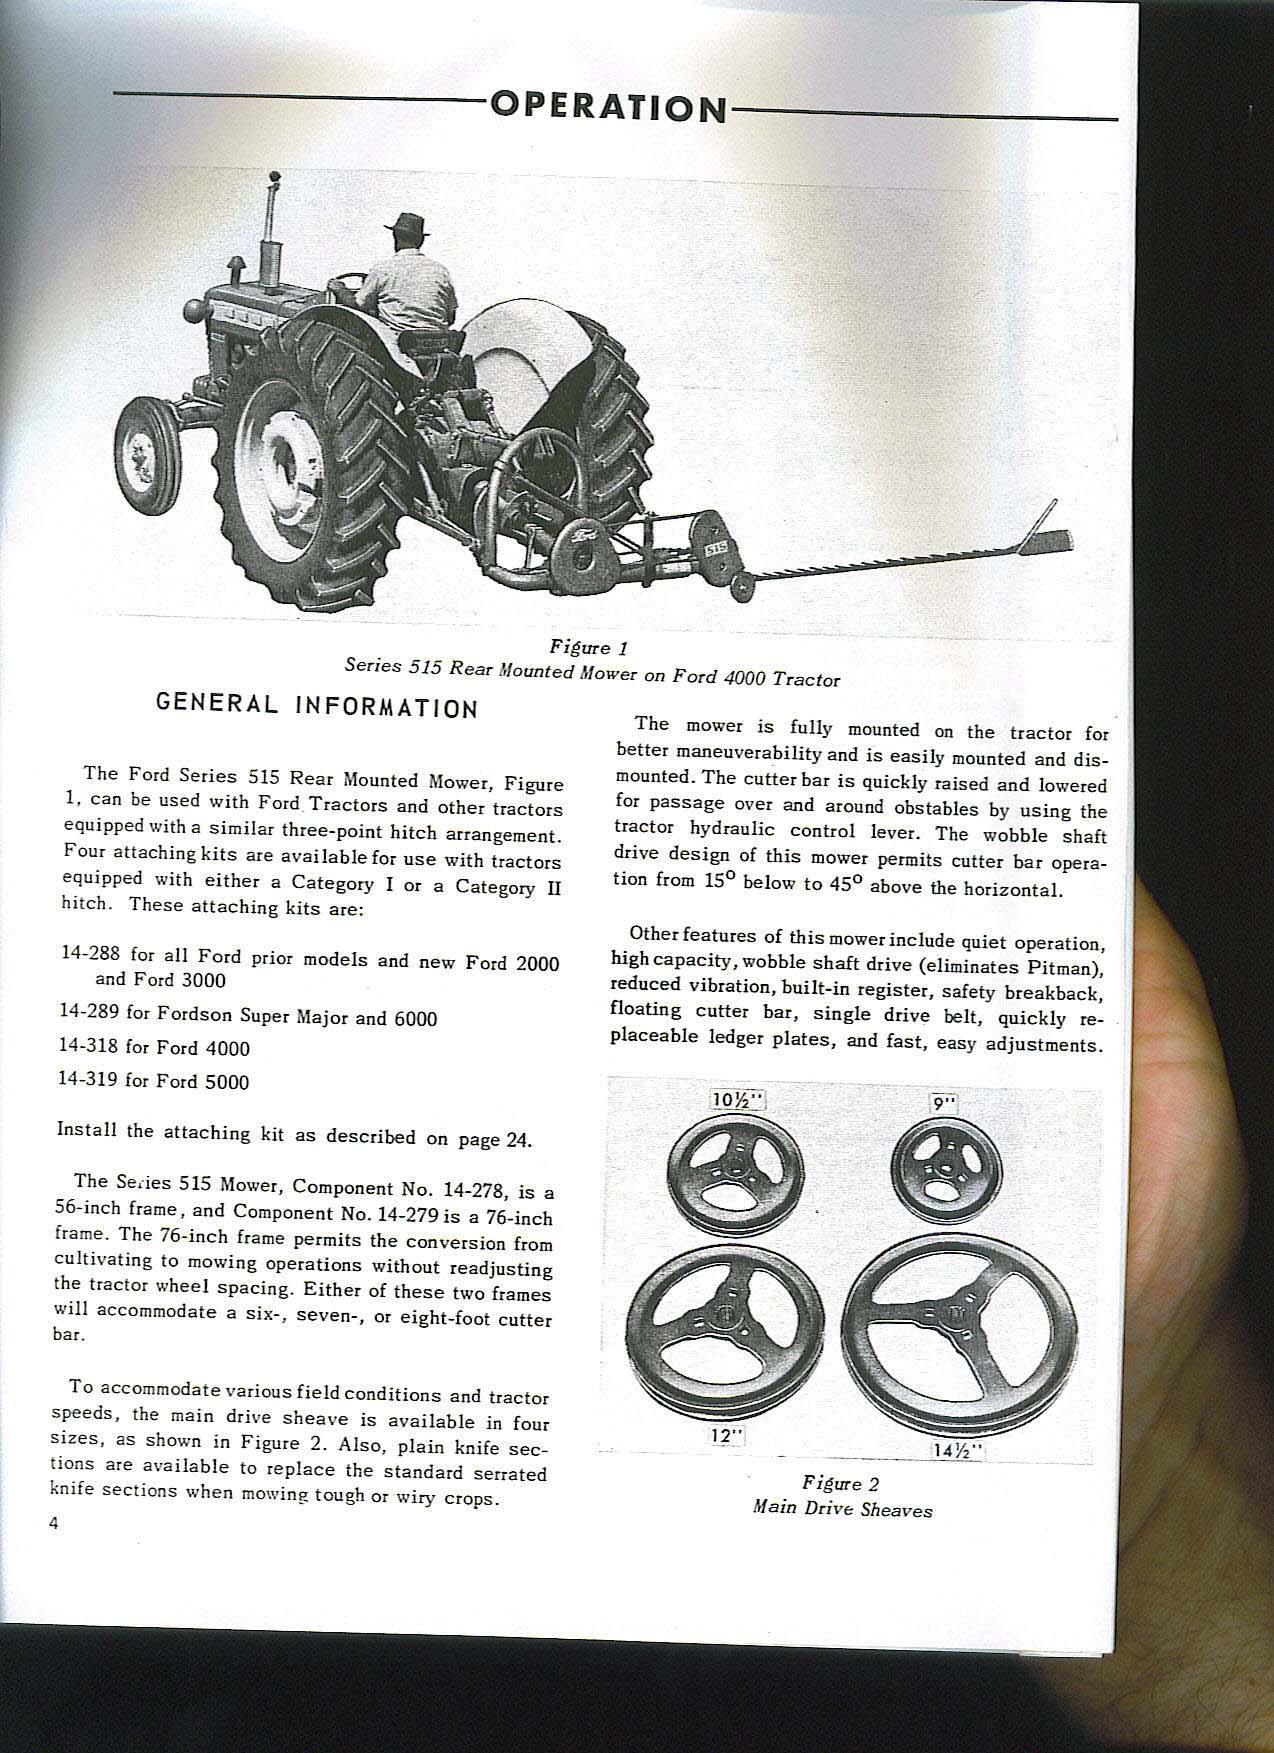 Ford 1715 Manual Service Repair & Owners Operators